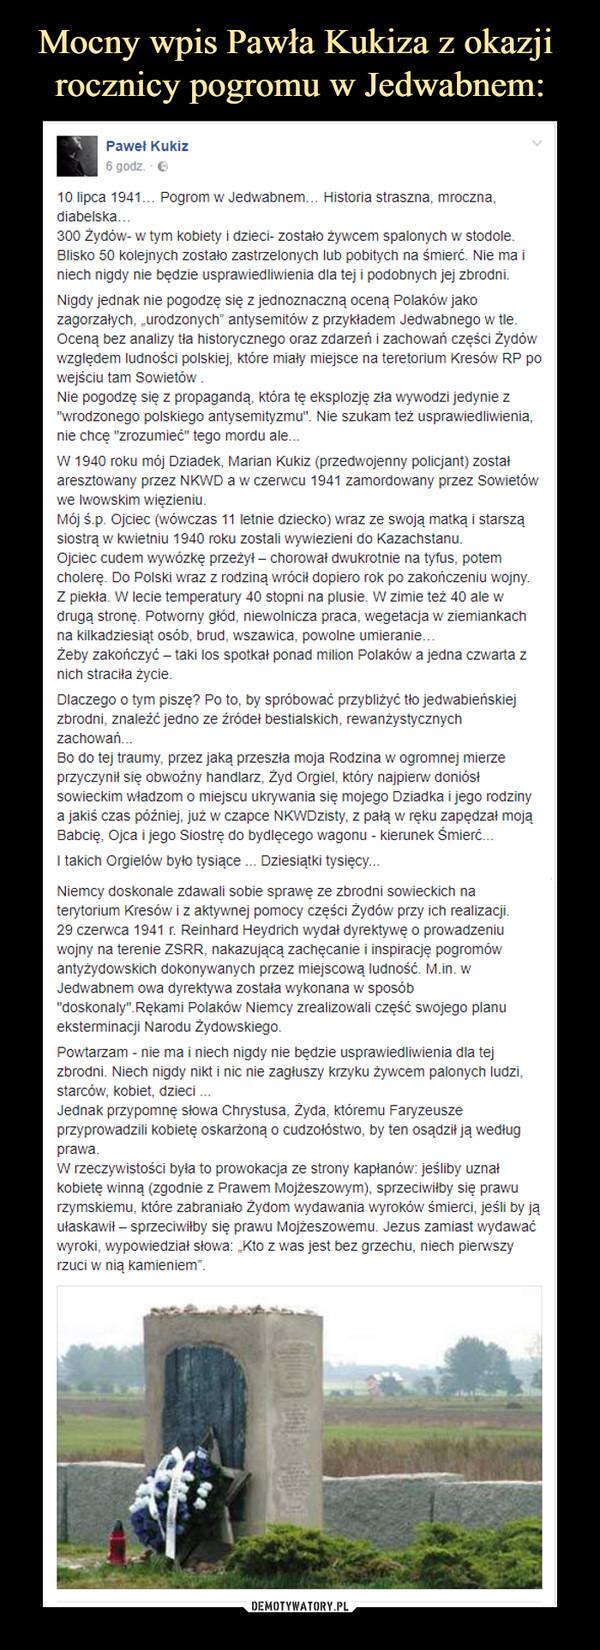 """–  Paweł Kukiz 10 lipca 1941… Pogrom w Jedwabnem… Historia straszna, mroczna, diabelska… 300 Żydów- w tym kobiety i dzieci- zostało żywcem spalonych w stodole. Blisko 50 kolejnych zostało zastrzelonych lub pobitych na śmierć. Nie ma i niech nigdy nie będzie usprawiedliwienia dla tej i podobnych jej zbrodni.Nigdy jednak nie pogodzę się z jednoznaczną oceną Polaków jako zagorzałych, """"urodzonych"""" antysemitów z przykładem Jedwabnego w tle. Oceną bez analizy tła historycznego oraz zdarzeń i zachowań części Żydów względem ludności polskiej, które miały miejsce na teretorium Kresów RP po wejściu tam Sowietów . Nie pogodzę się z propagandą, która tę eksplozję zła wywodzi jedynie z """"wrodzonego polskiego antysemityzmu"""". Nie szukam też usprawiedliwienia, nie chcę """"zrozumieć"""" tego mordu ale...W 1940 roku mój Dziadek, Marian Kukiz (przedwojenny policjant) został aresztowany przez NKWD a w czerwcu 1941 zamordowany przez Sowietów we lwowskim więzieniu. Mój ś.p. Ojciec (wówczas 11 letnie dziecko) wraz ze swoją matką i starszą siostrą w kwietniu 1940 roku zostali wywiezieni do Kazachstanu. Ojciec cudem wywózkę przeżył – chorował dwukrotnie na tyfus, potem cholerę. Do Polski wraz z rodziną wrócił dopiero rok po zakończeniu wojny. Z piekła. W lecie temperatury 40 stopni na plusie. W zimie też 40 ale w drugą stronę. Potworny głód, niewolnicza praca, wegetacja w ziemiankach na kilkadziesiąt osób, brud, wszawica, powolne umieranie… Żeby zakończyć – taki los spotkał ponad milion Polaków a jedna czwarta z nich straciła życie.Dlaczego o tym piszę? Po to, by spróbować przybliżyć tło jedwabieńskiej zbrodni, znaleźć jedno ze źródeł bestialskich, rewanżystycznych zachowań...Bo do tej traumy, przez jaką przeszła moja Rodzina w ogromnej mierze przyczynił się obwoźny handlarz, Żyd Orgiel, który najpierw doniósł sowieckim władzom o miejscu ukrywania się mojego Dziadka i jego rodziny a jakiś czas później, już w czapce NKWDzisty, z pałą w ręku zapędzał moją Babcię, Ojca i jego Siostrę do bydlęcego wa"""